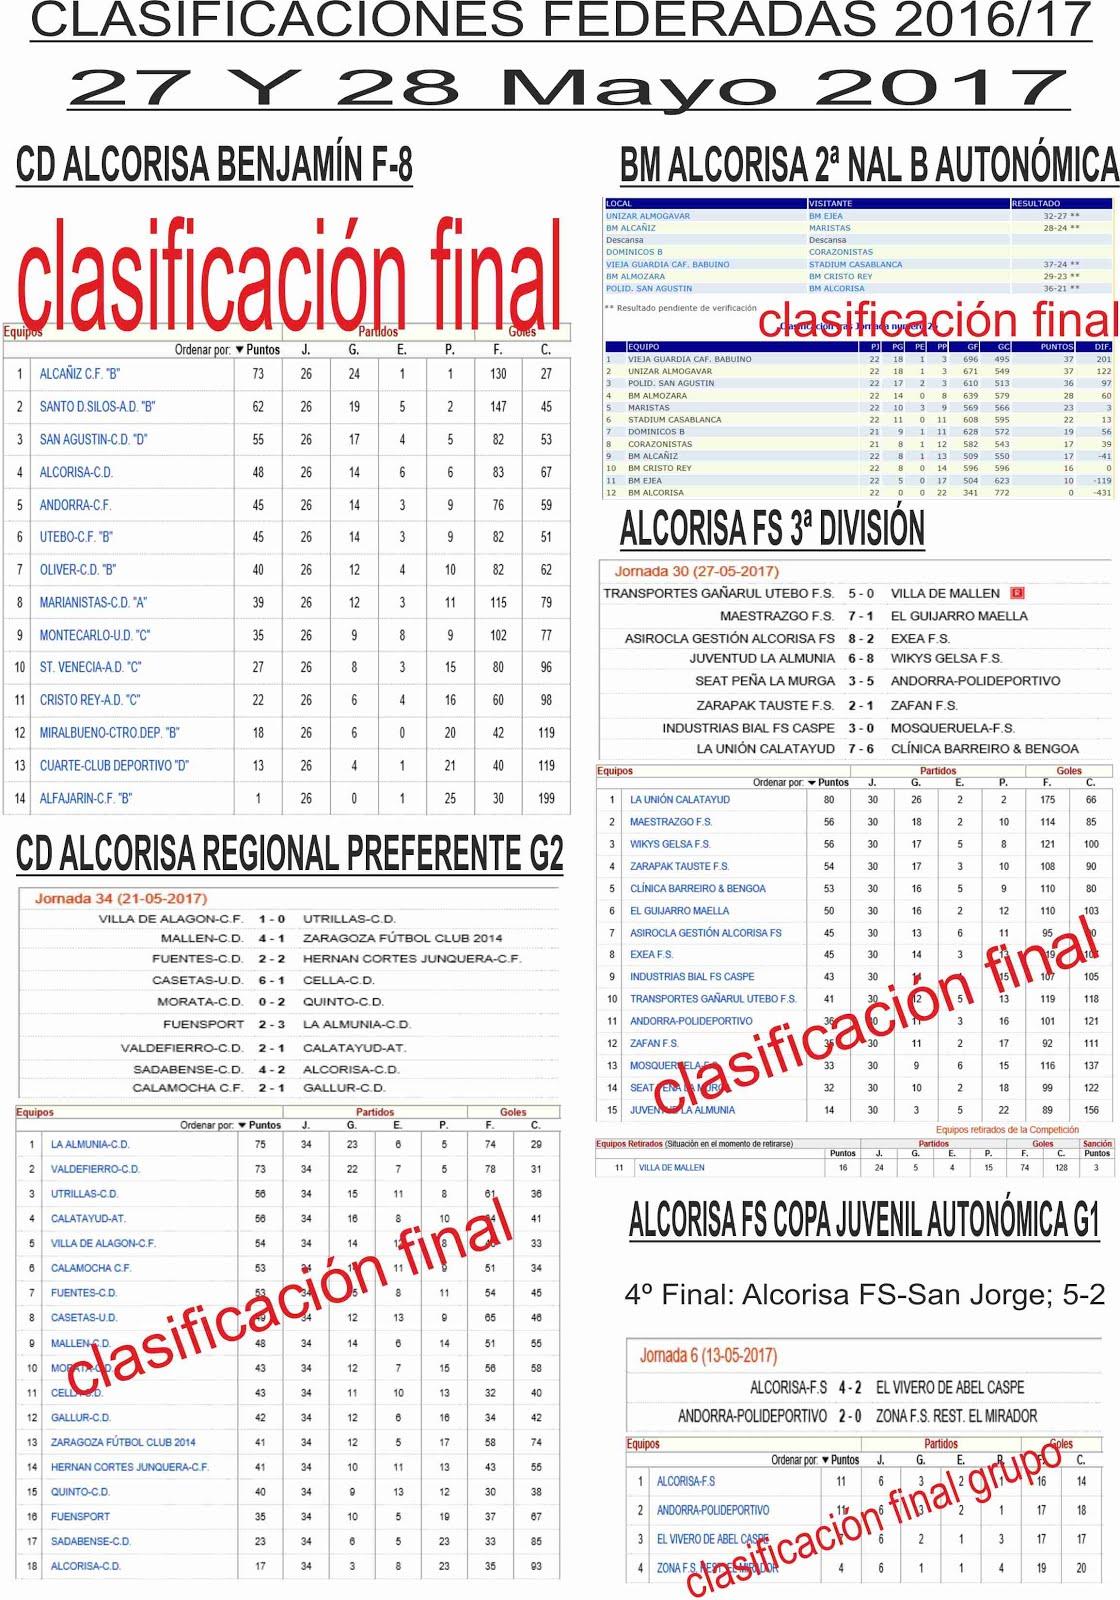 Clasificaciones equipos federados